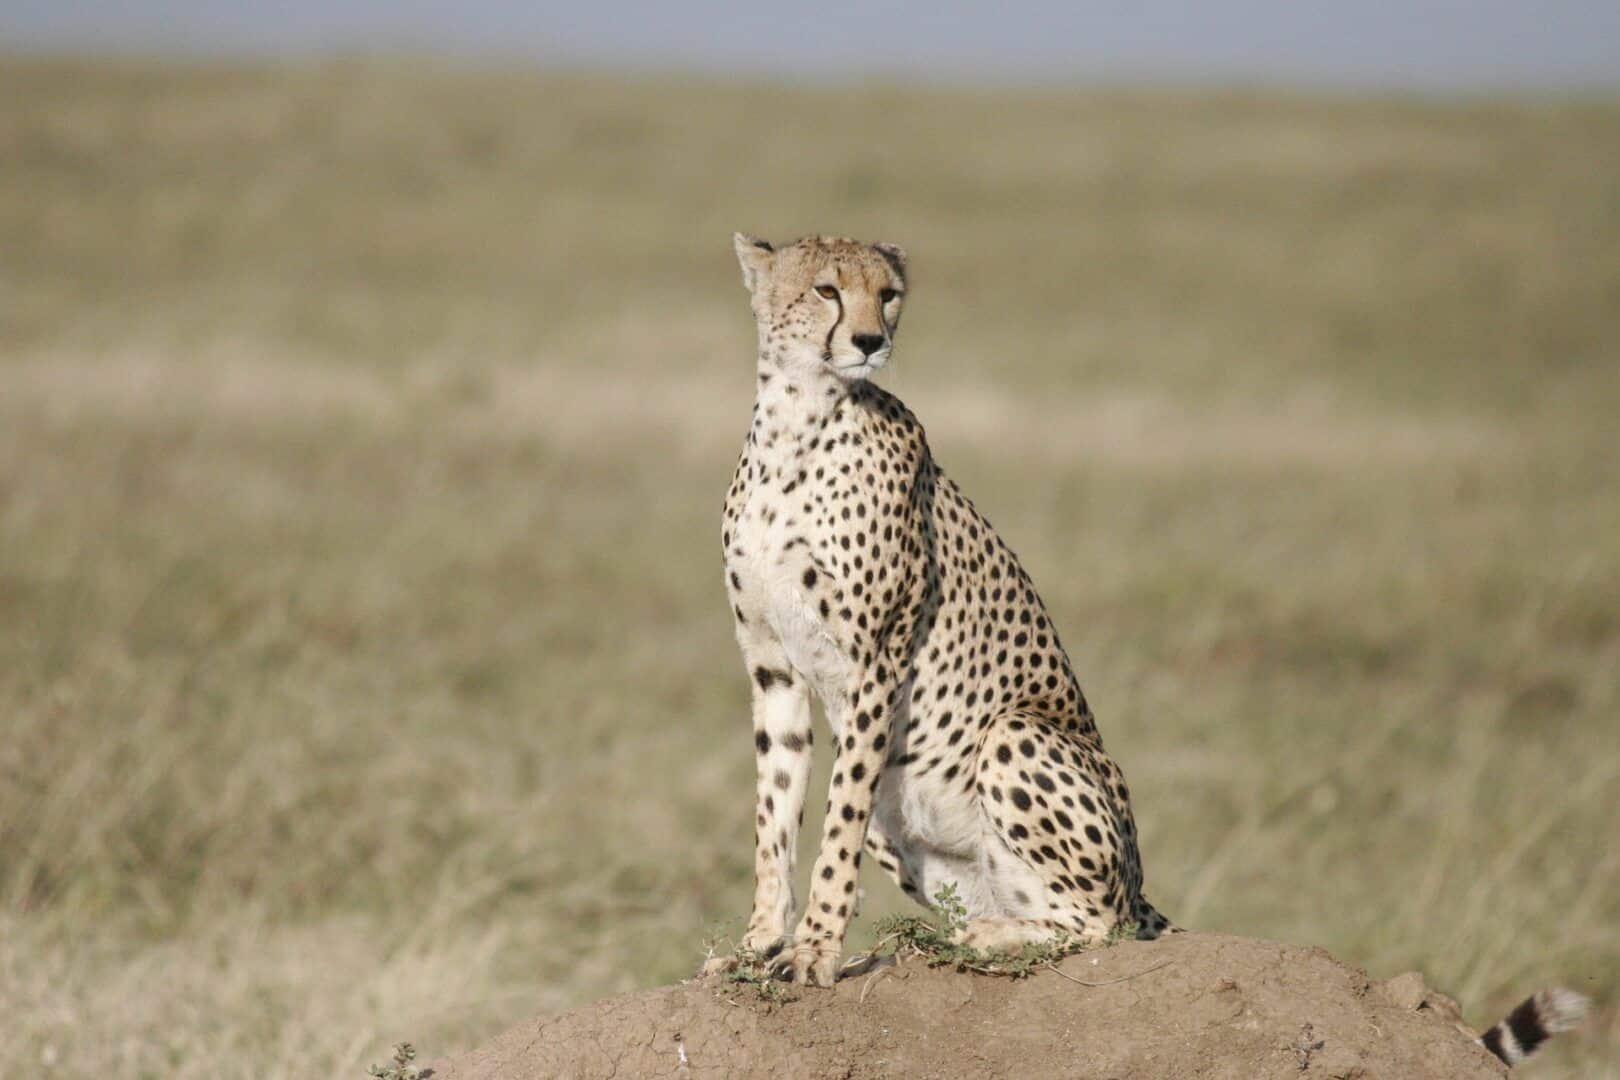 Saiba qual é o animal mais rápido do mundo e seus sucessores